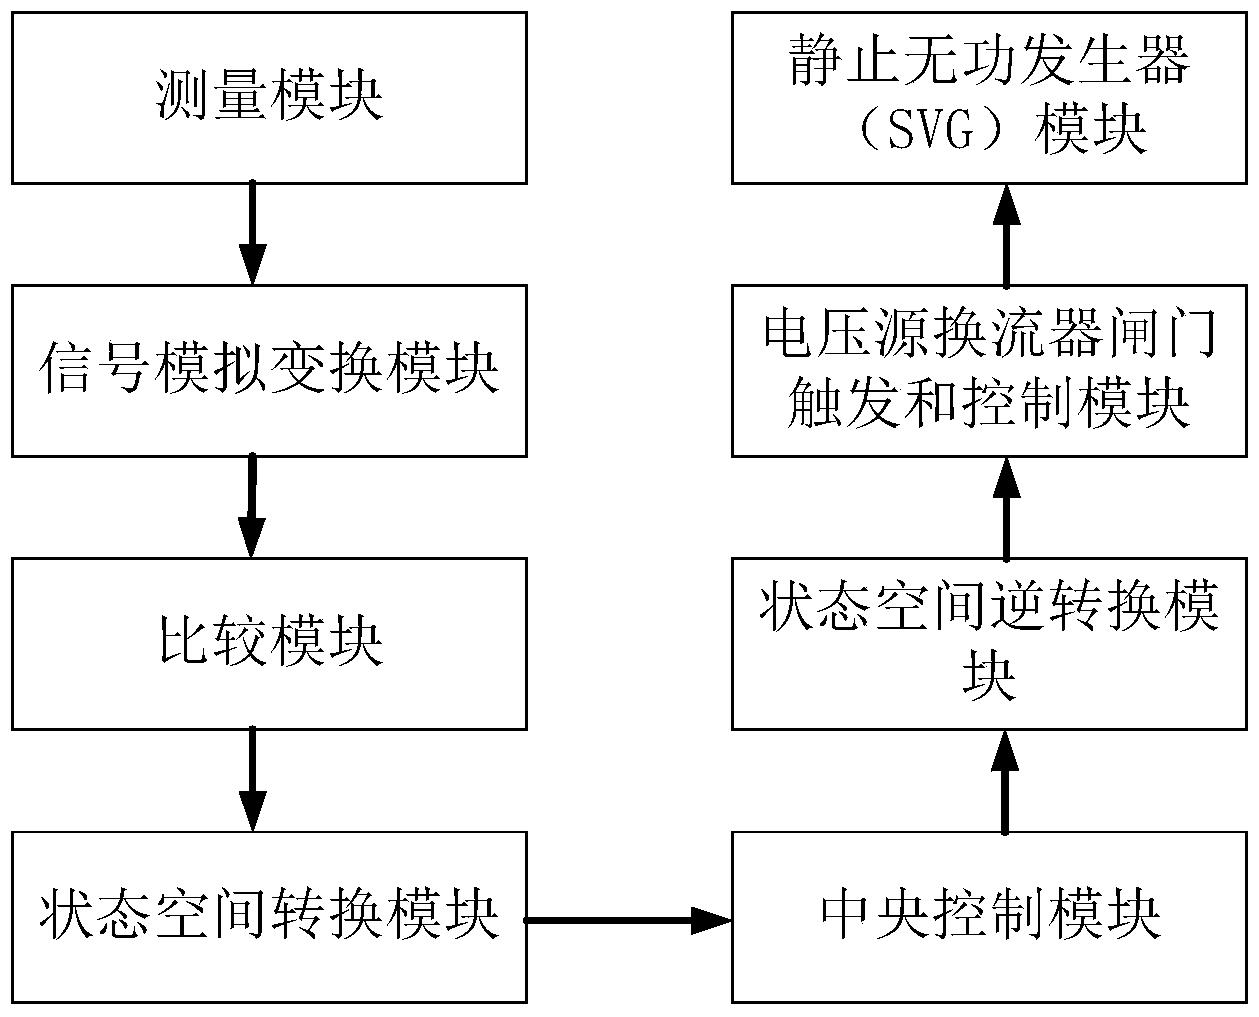 一种SVG的新型非线性鲁棒控制系统及其控制方法(公开号:CN105449692B)